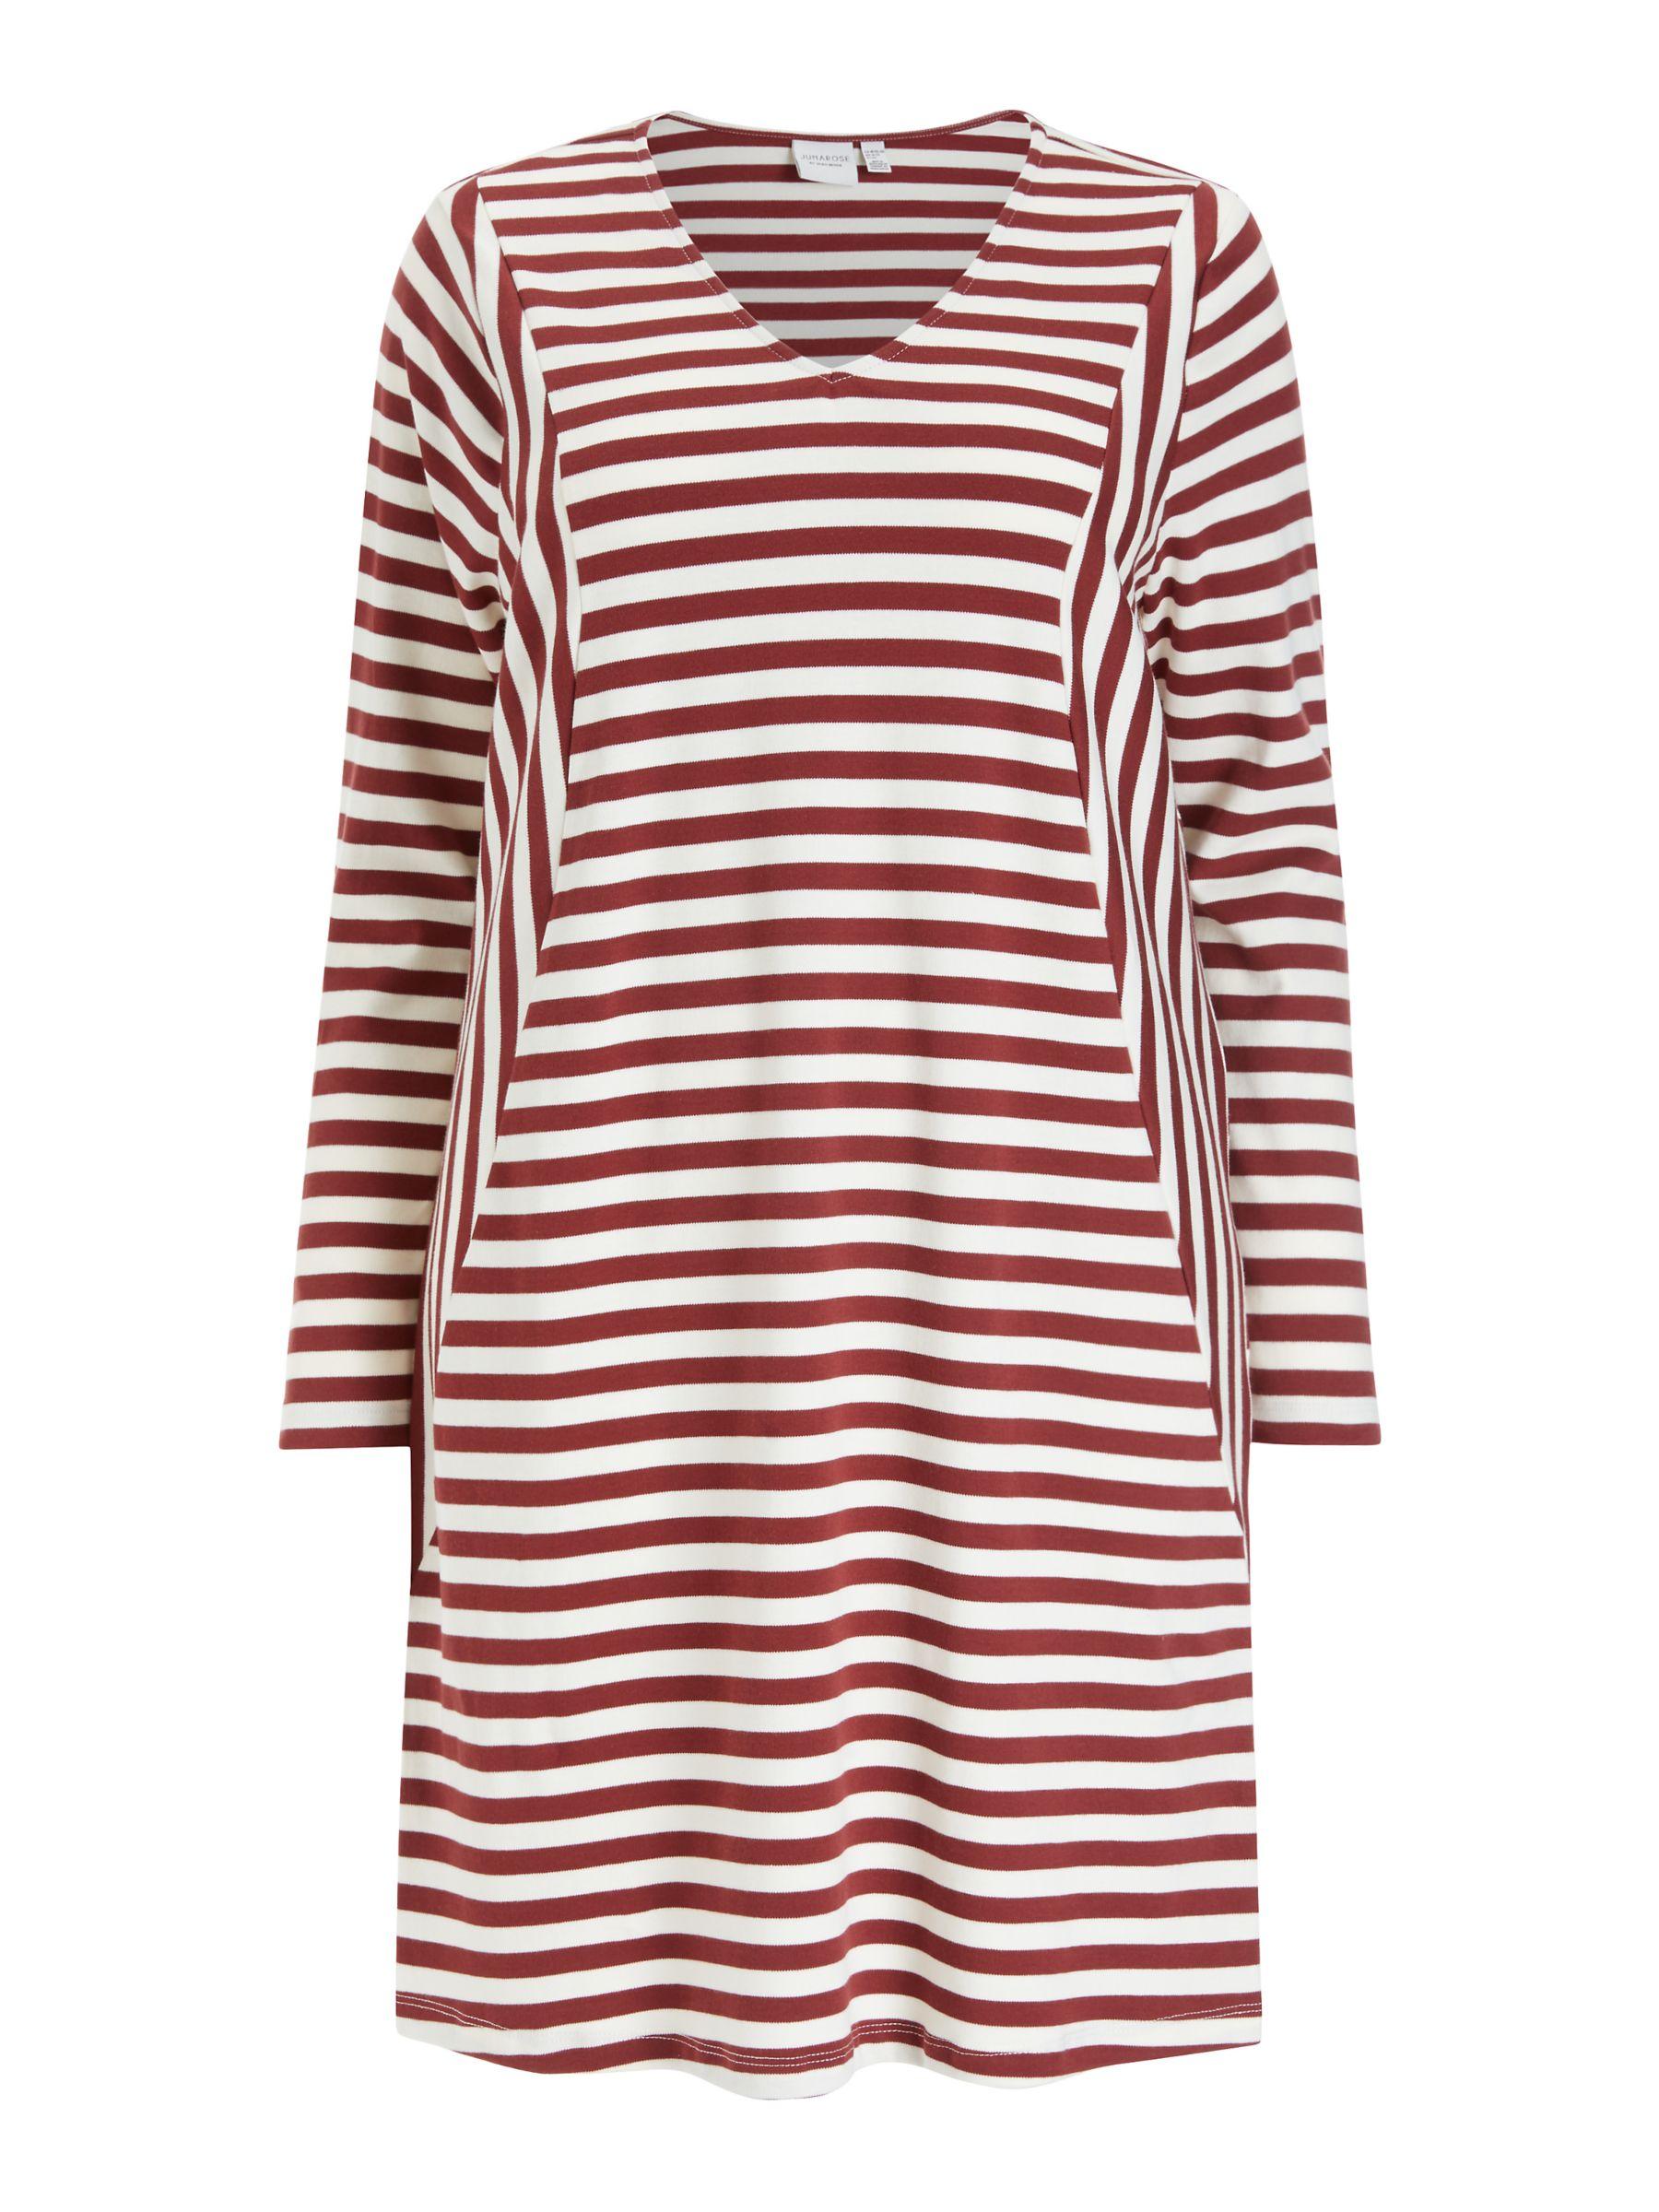 Junarose JUNAROSE Curve Rise Organic Cotton Stripe Dress, Brown/Vanilla Ice